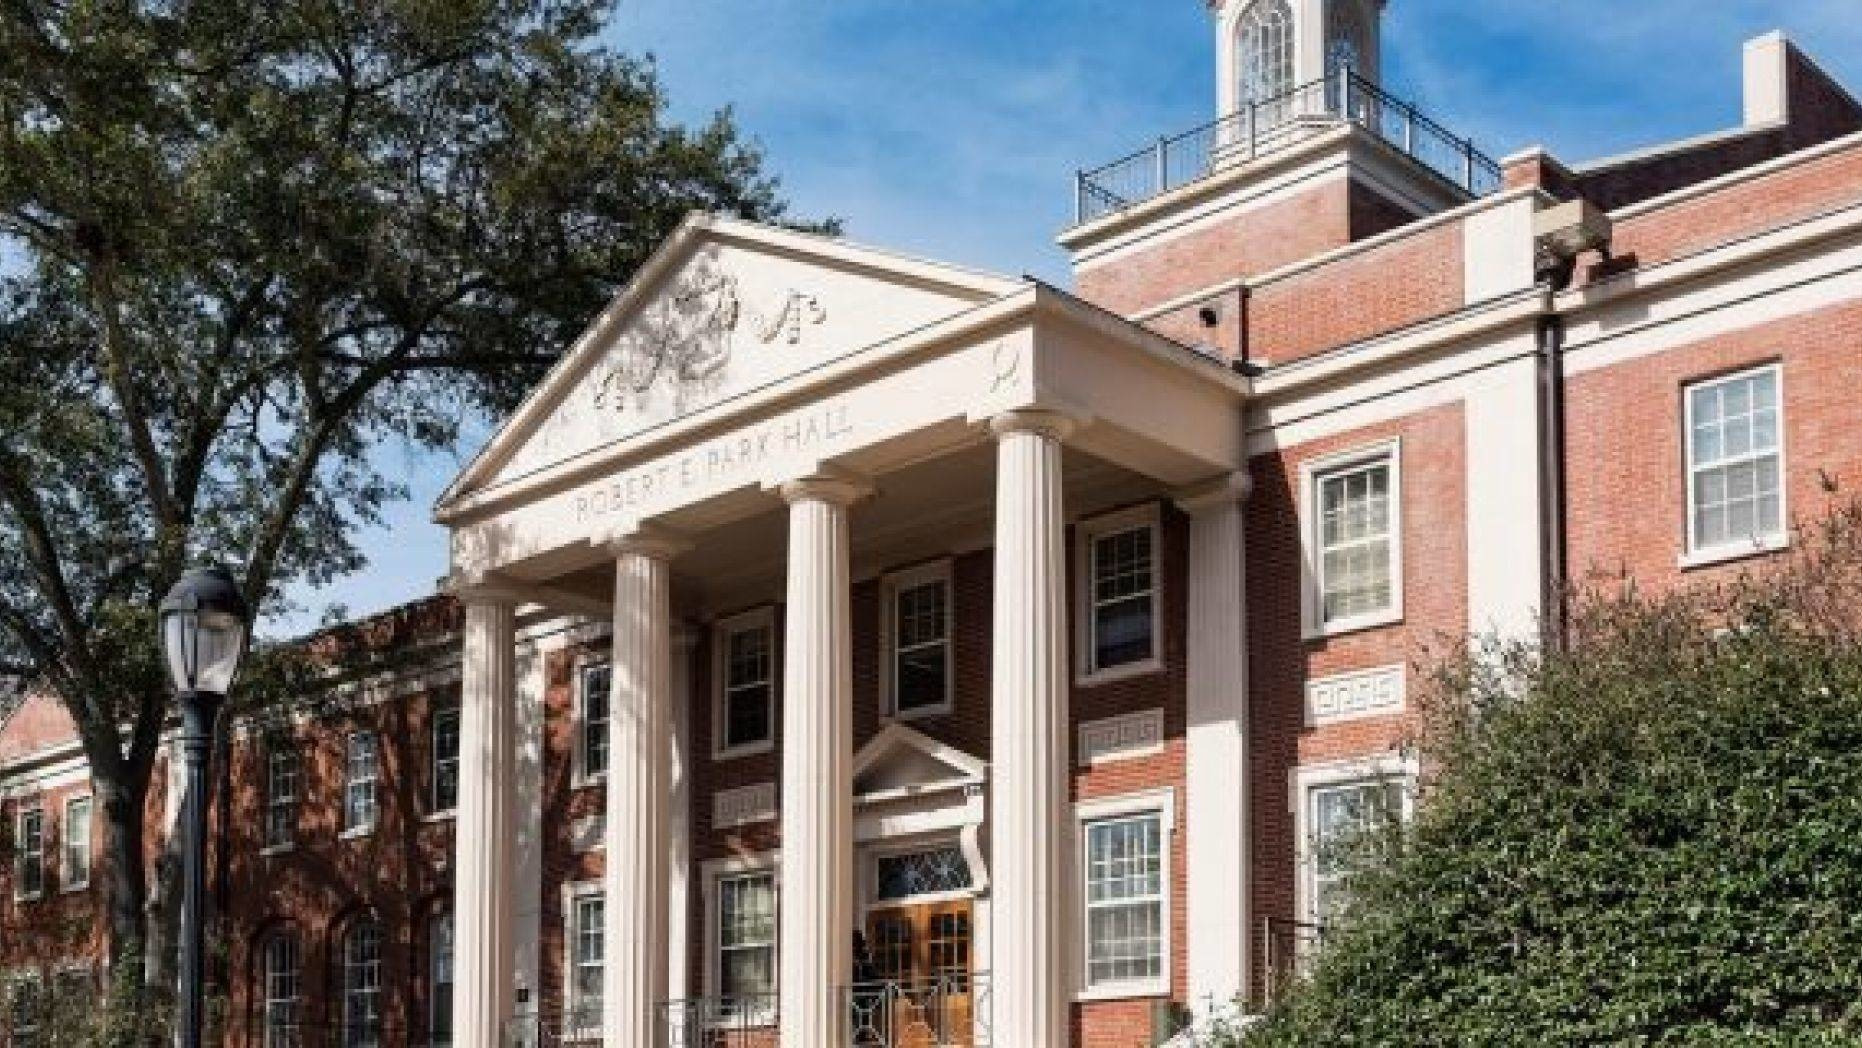 UGA喬治亞大學 - 歷史悠久且規模龐大的南方名校,被稱為公立常春藤